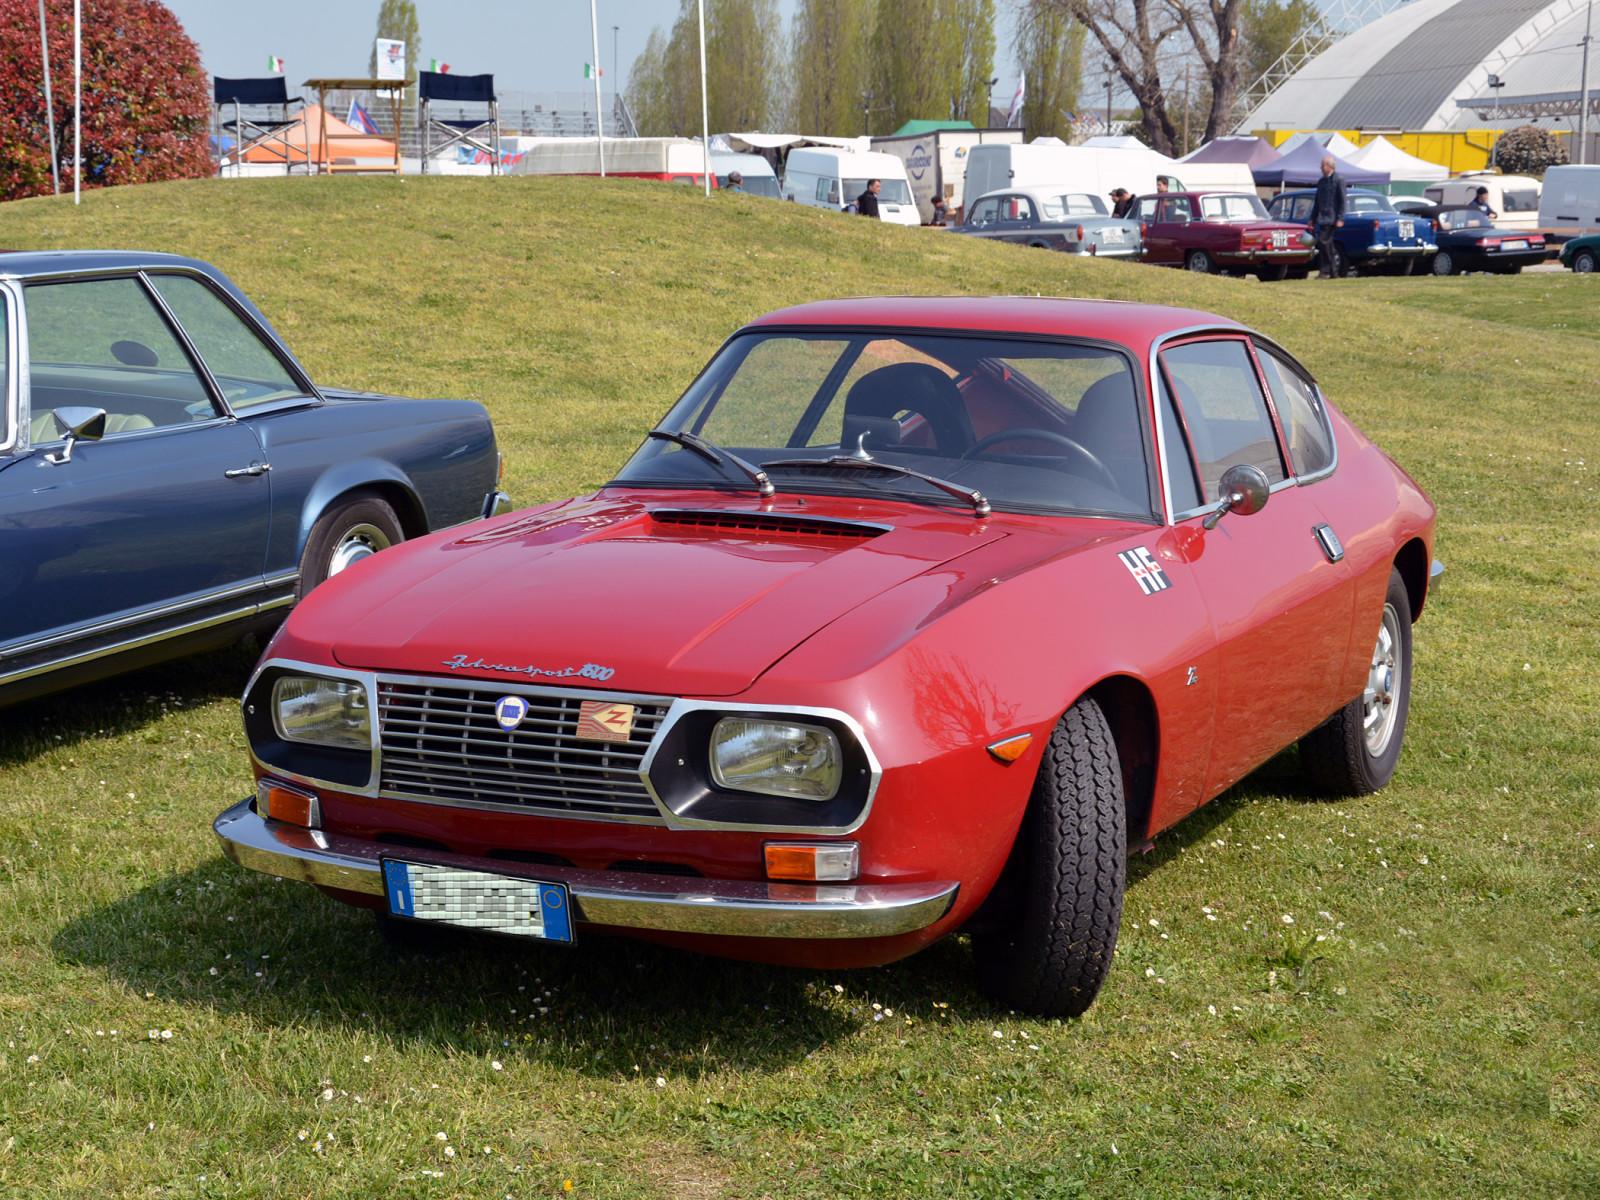 Wallpaper : old, sport, vintage, sports car, classic car, Oldtimer ...